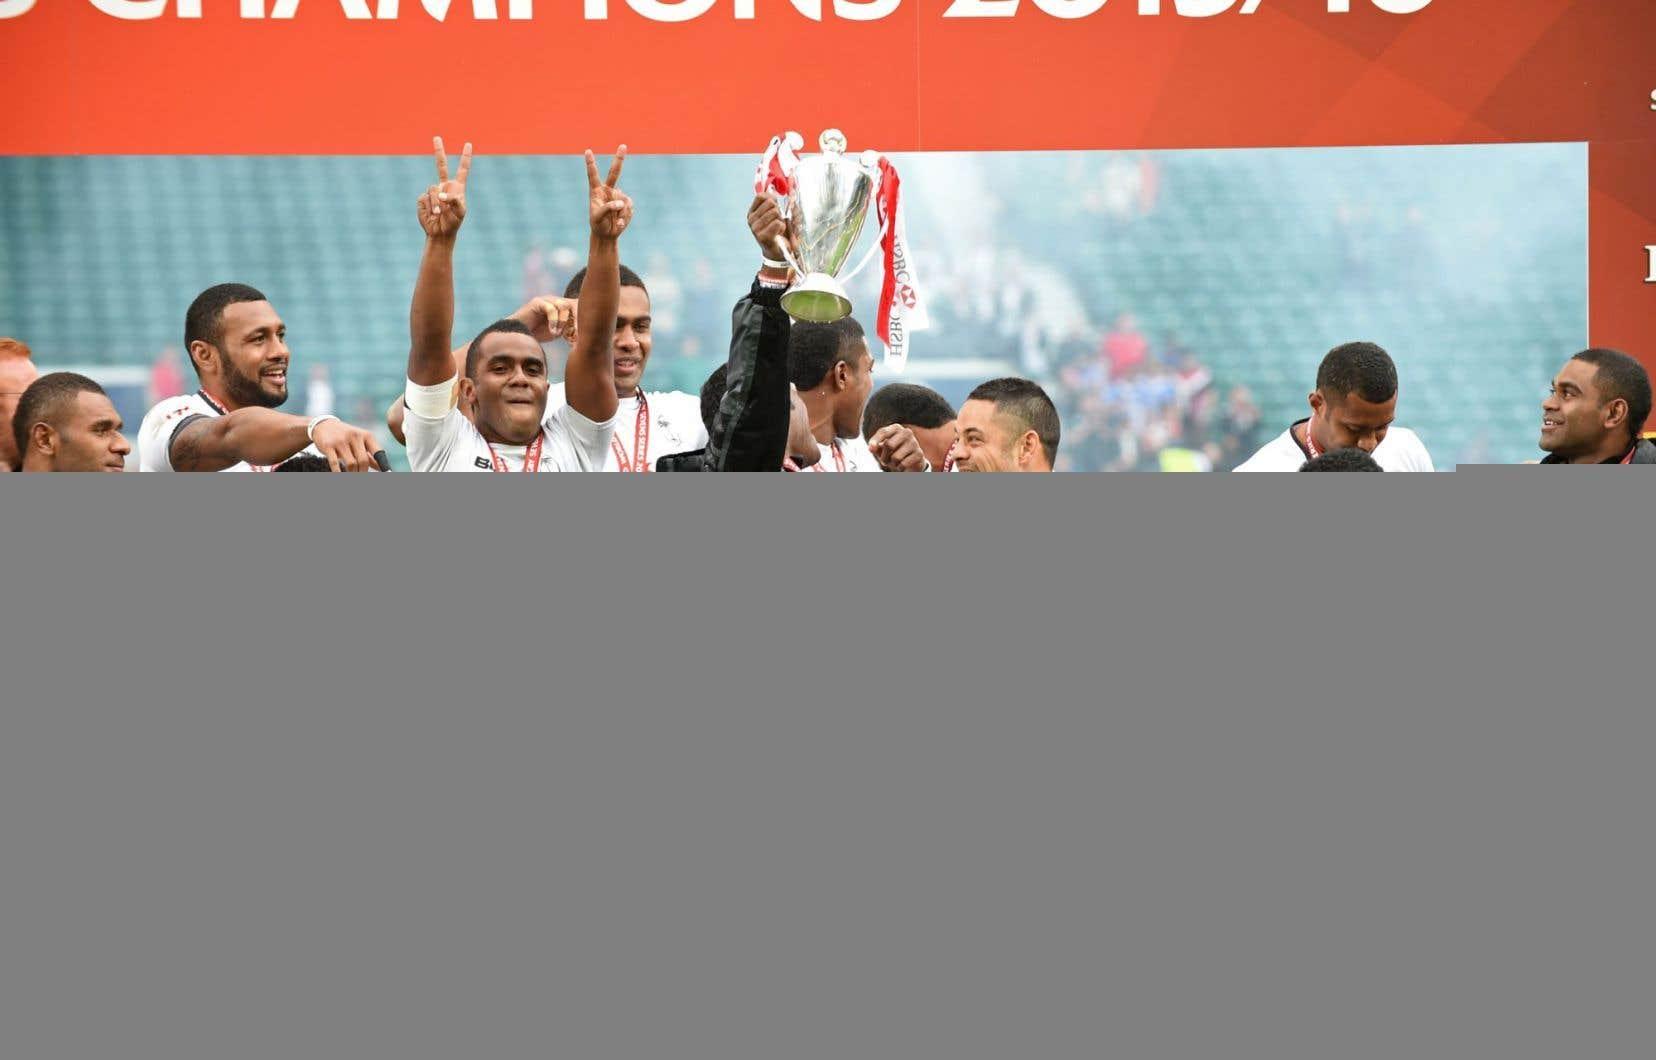 L'équipe de rugby du petit archipel des Fidji — photographiée ici en mai dernier — pourrait remporter la première médaille de l'histoire du pays.